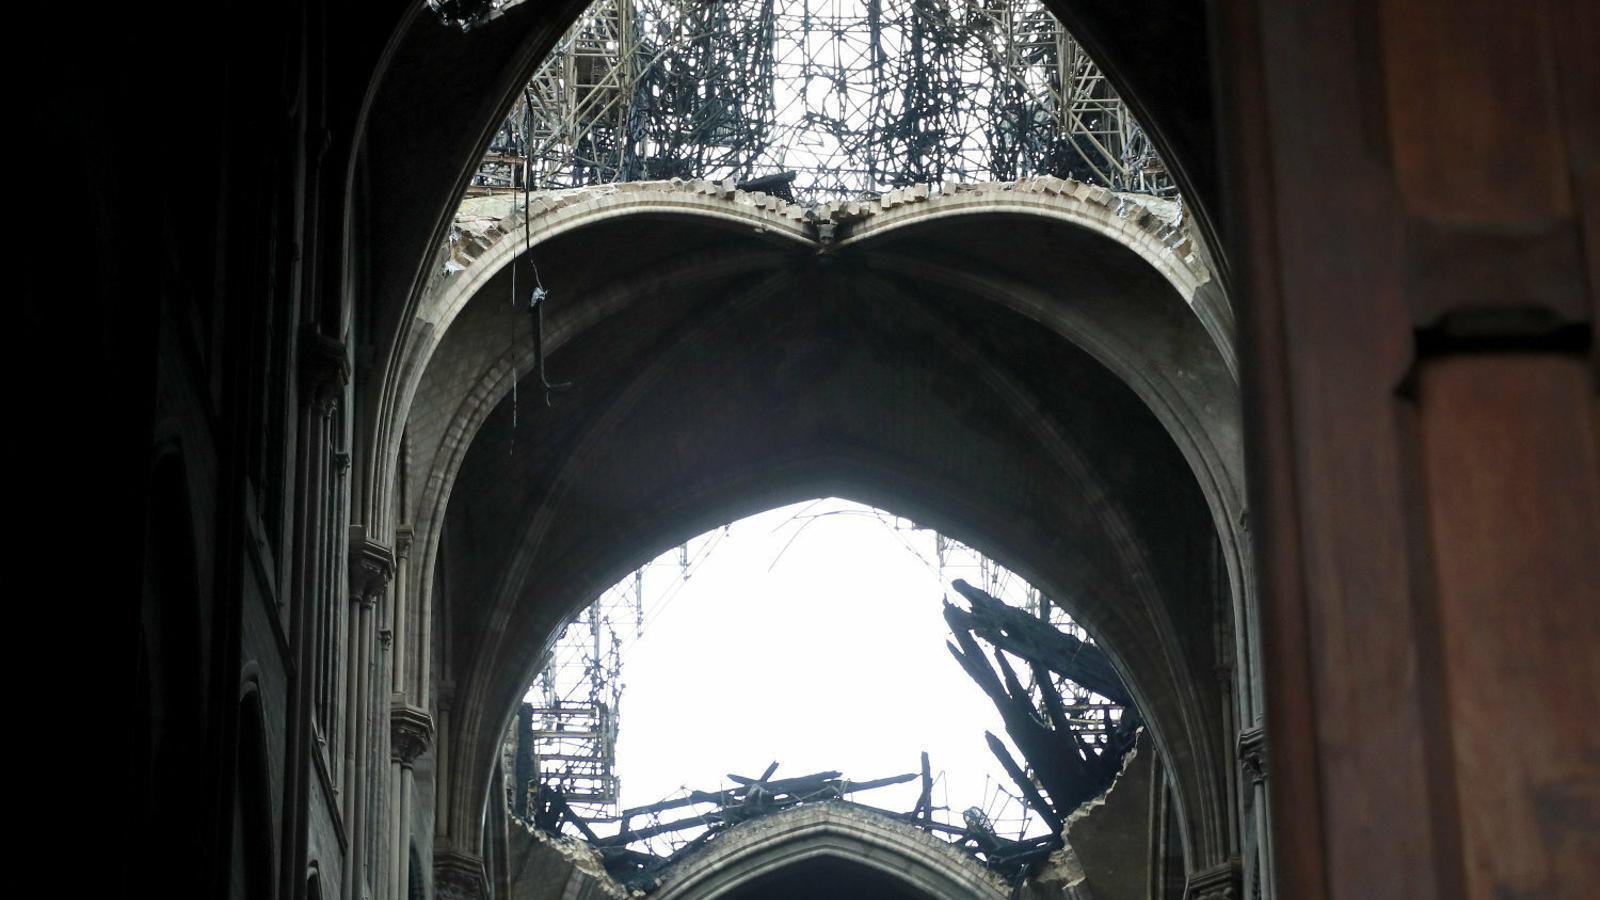 Imatge interior de la catedral amb el sostre completament destruït.